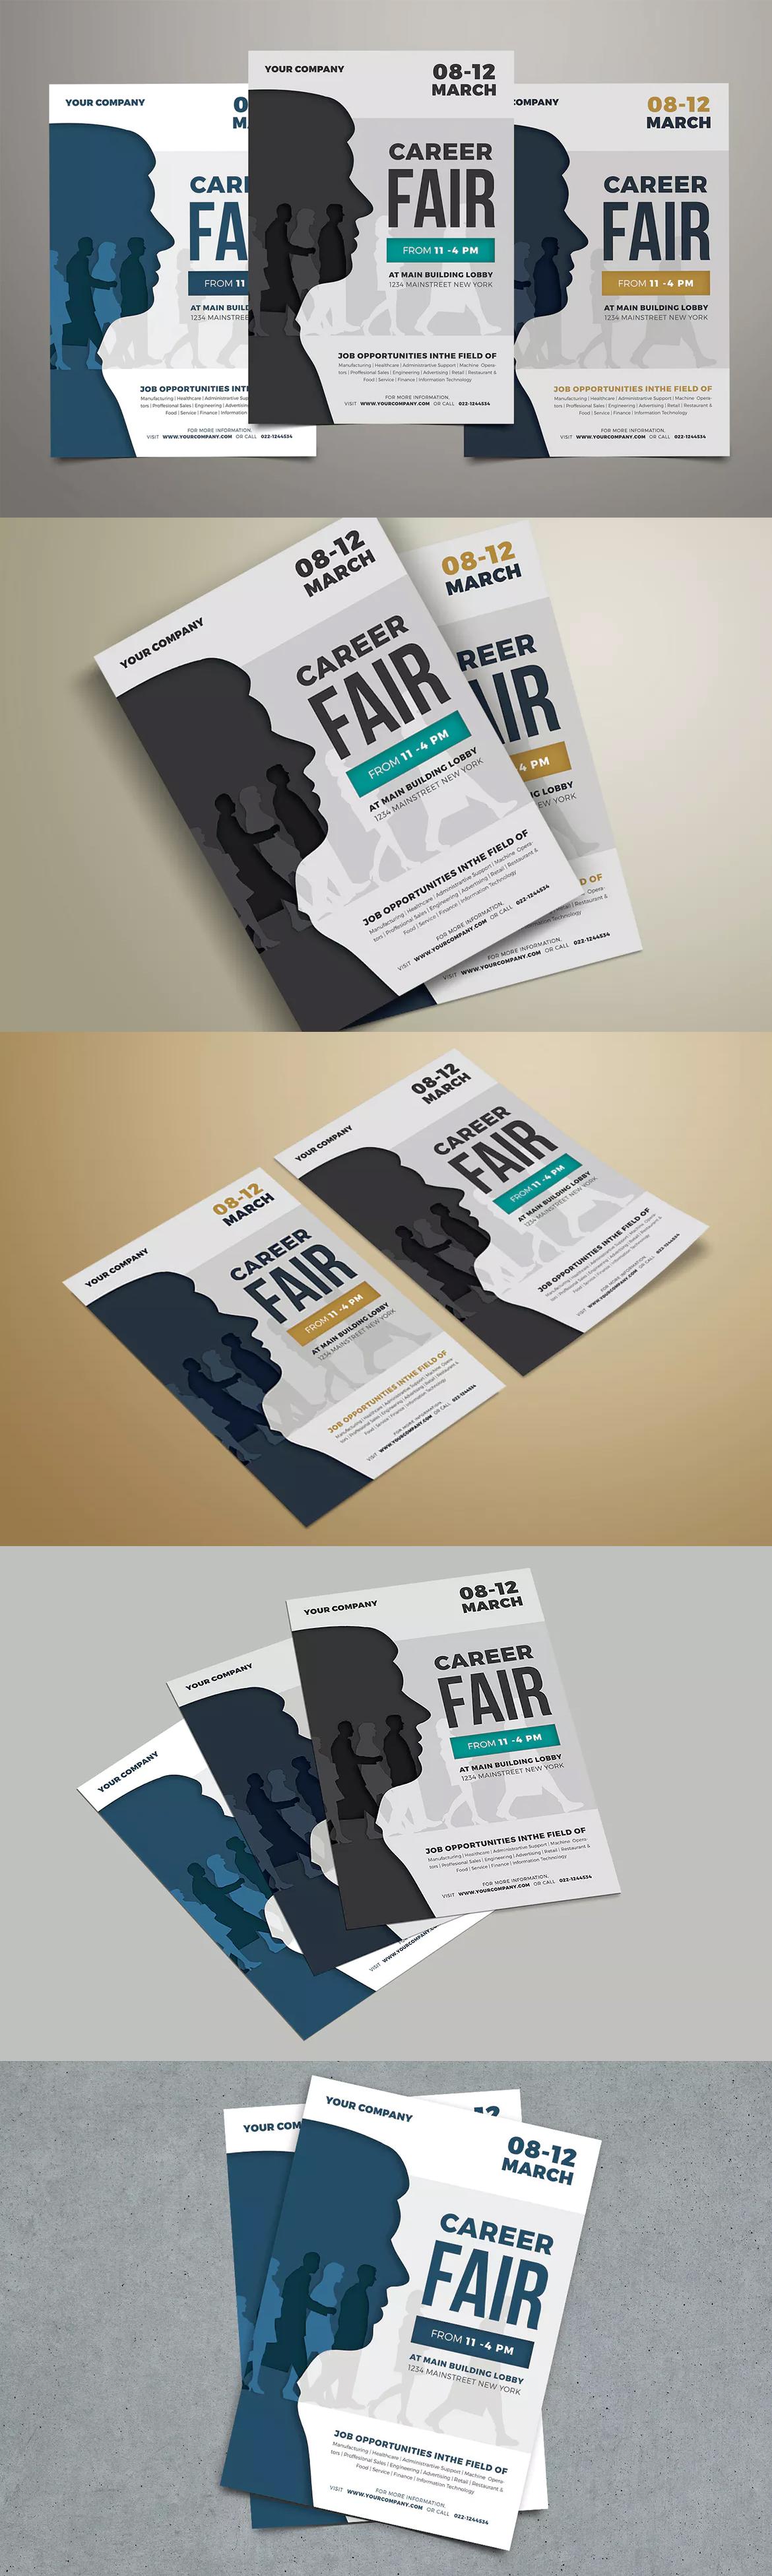 Job Fair Event Flyer Template PSD A4 | Flyers Design Inspiration ...